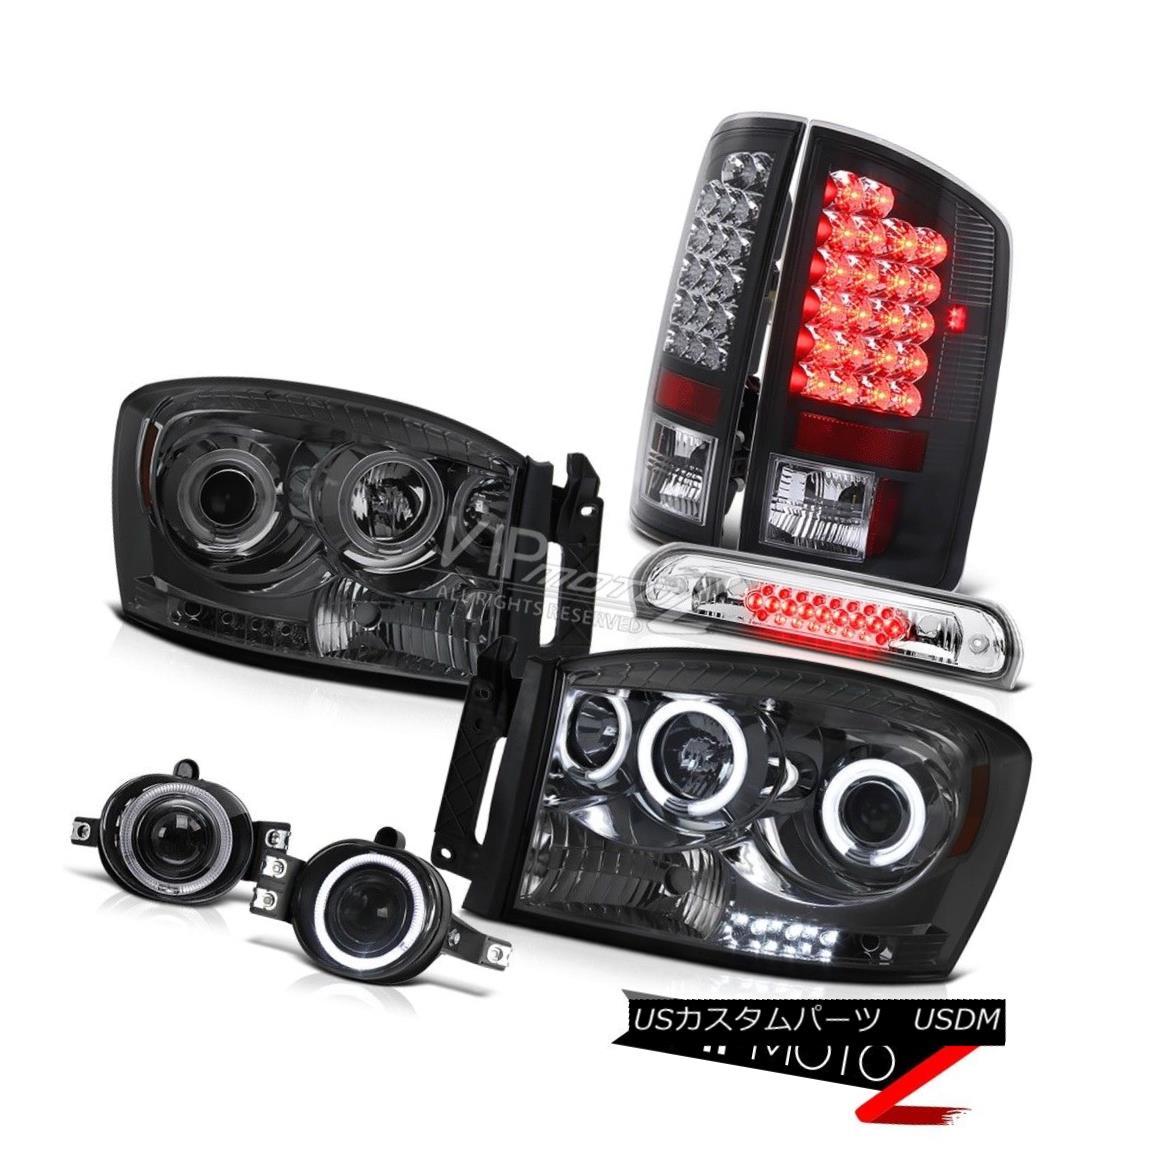 ヘッドライト 07-08 Ram 2500 Daytime Running CCFL Headlight SMD Brake Tail Light Fog Third LED 07-08 Ram 2500日中走行CCFLヘッドライトSMDブレーキテールライトフォグ第3 LED